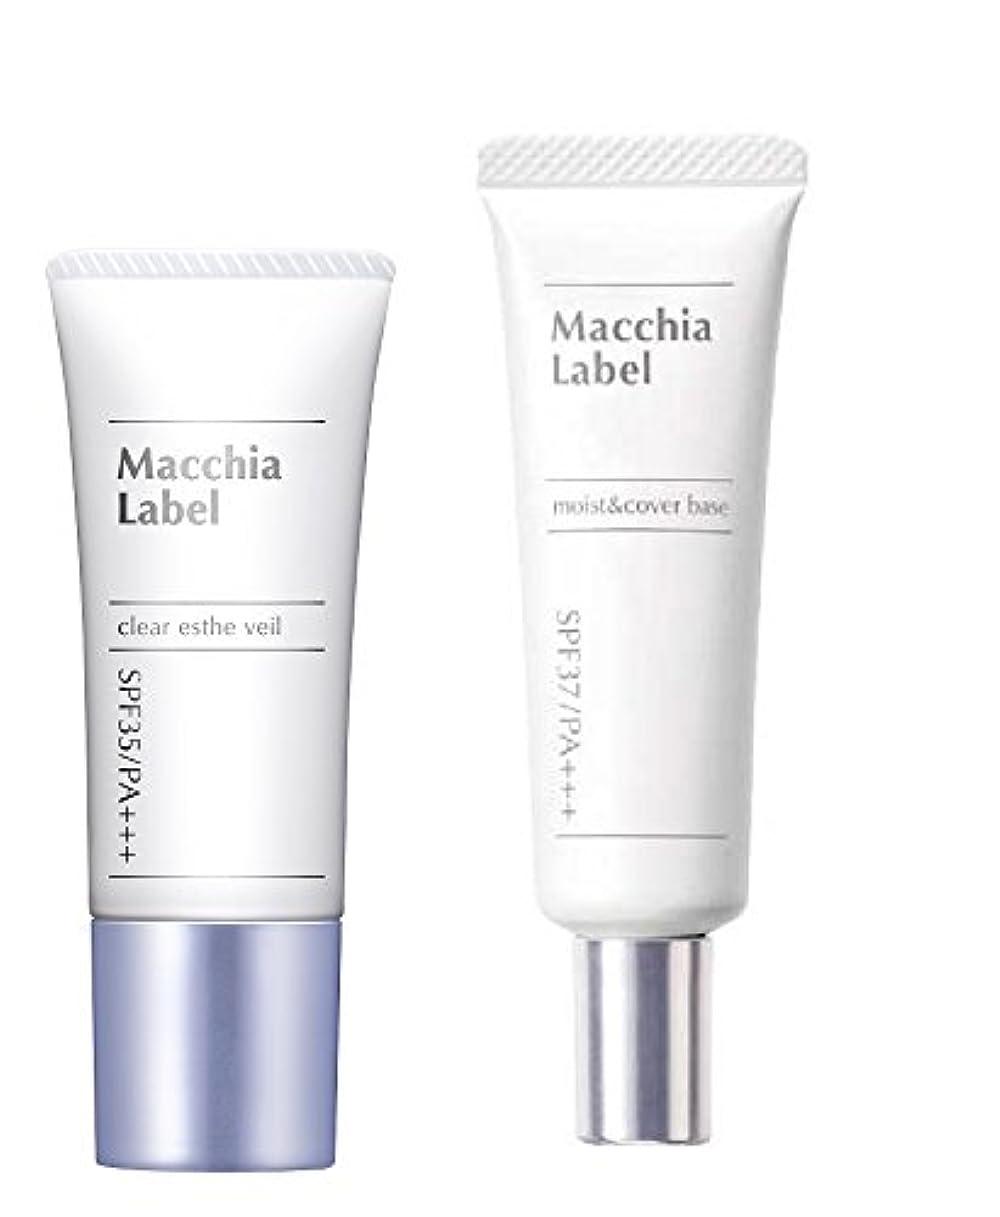 分割提出するのためMacchiaLabel 薬用クリアエステヴェール13ml+薬用モイスト&カバーベースセット (オークル)